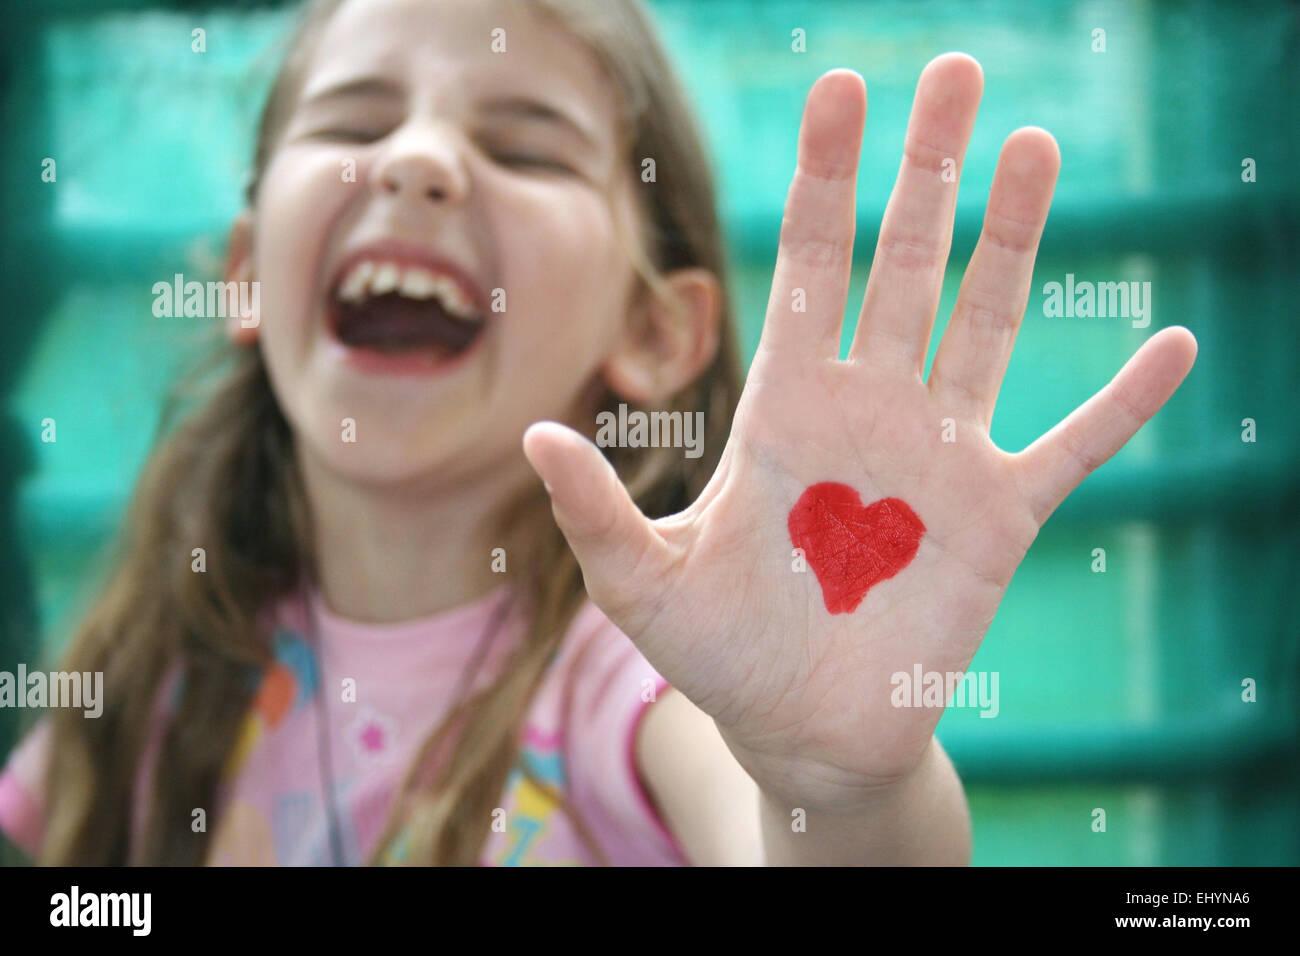 Mädchen mit einem Herzen auf der Handfläche von ihrer Hand gezeichnet Stockbild